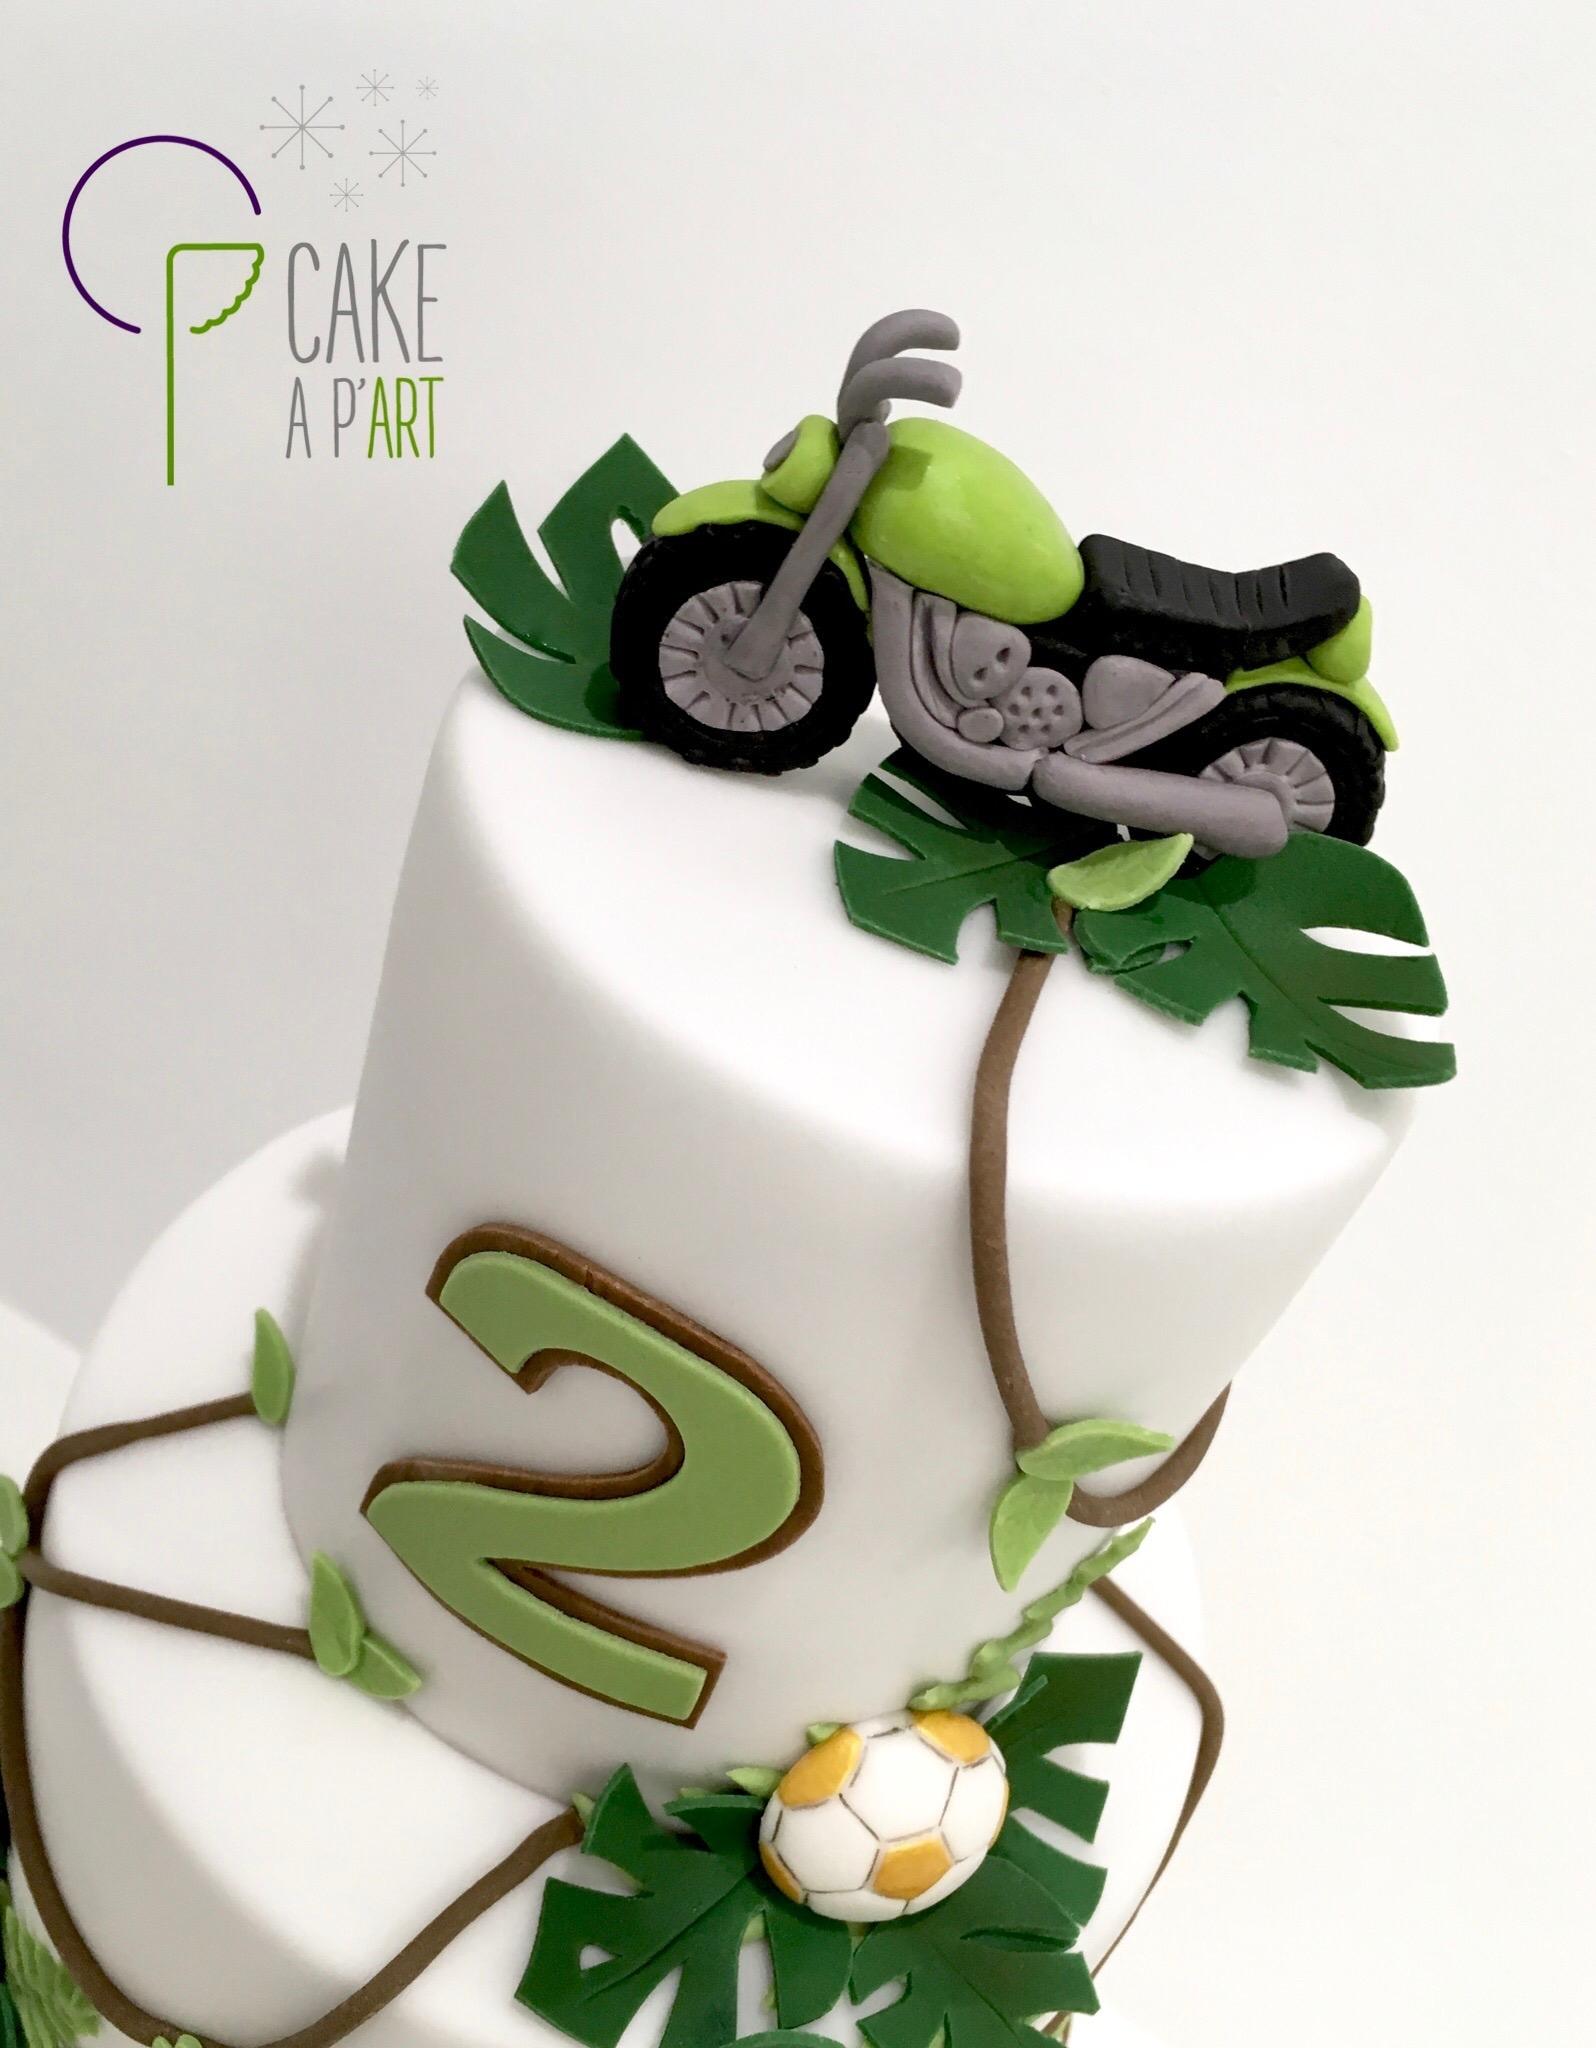 Décor modelage en sucre gâteaux personnalisés - Anniversaire Thème Jungle et moto